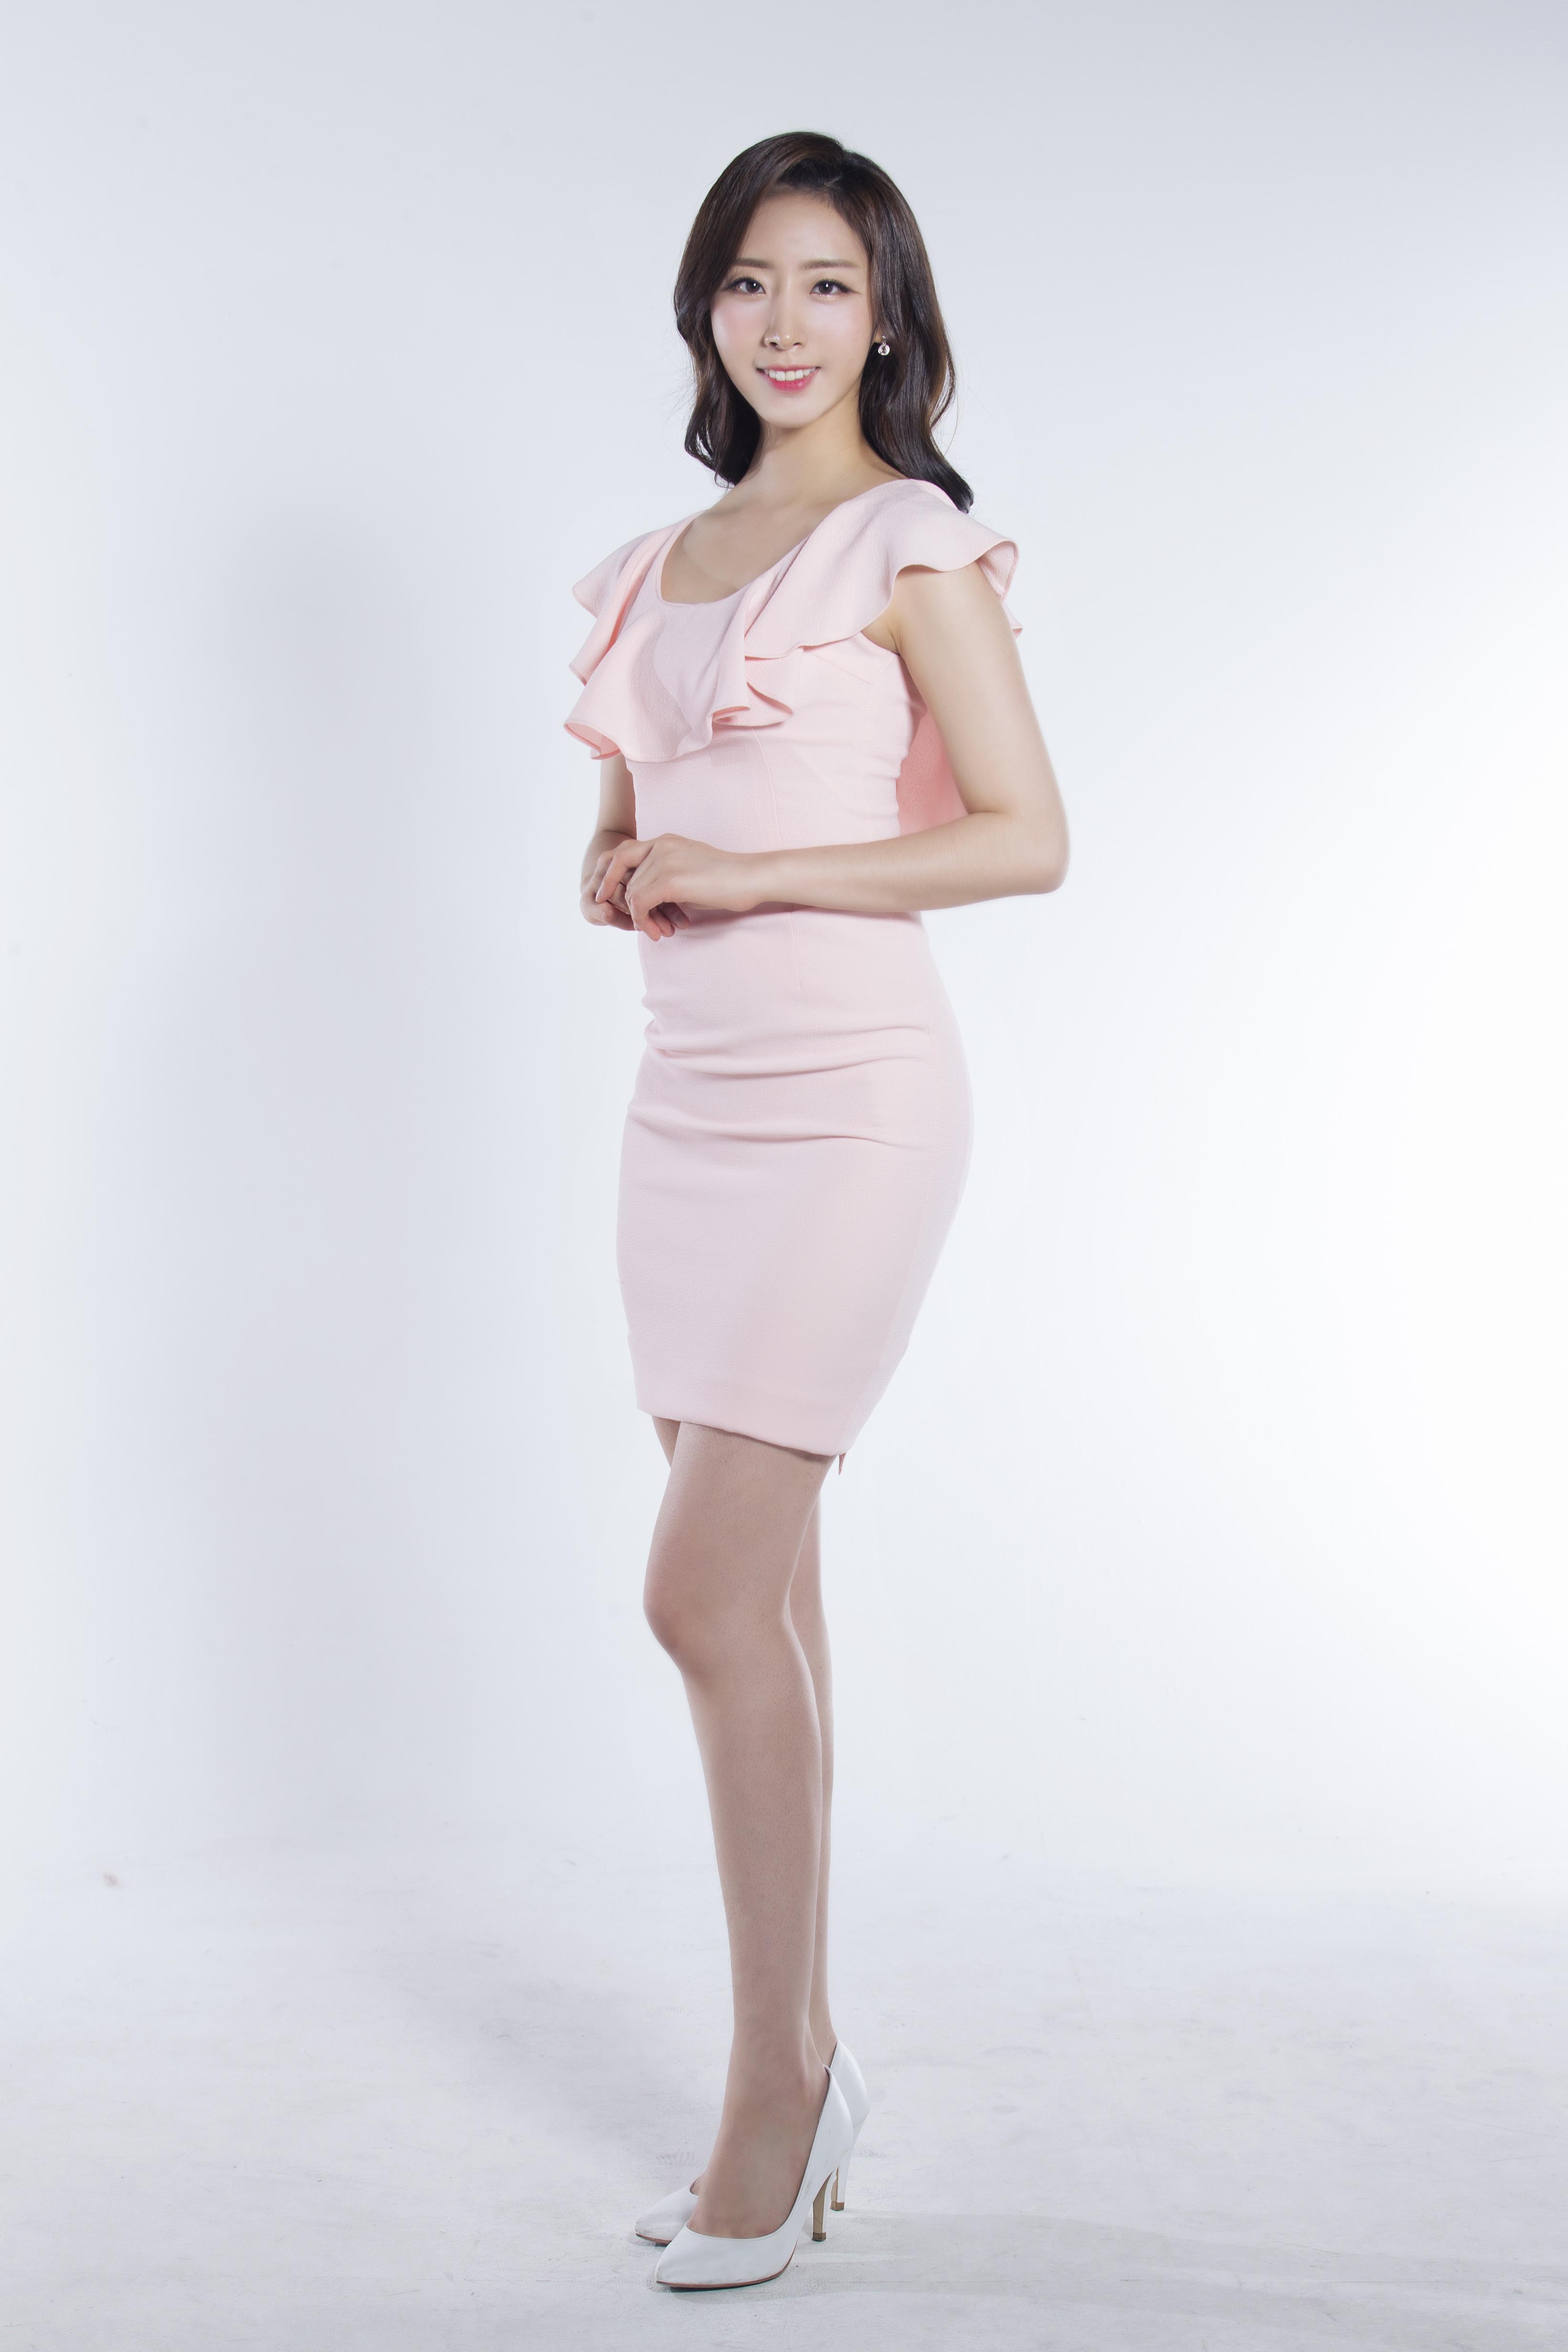 kyunghyekim 4.jpg